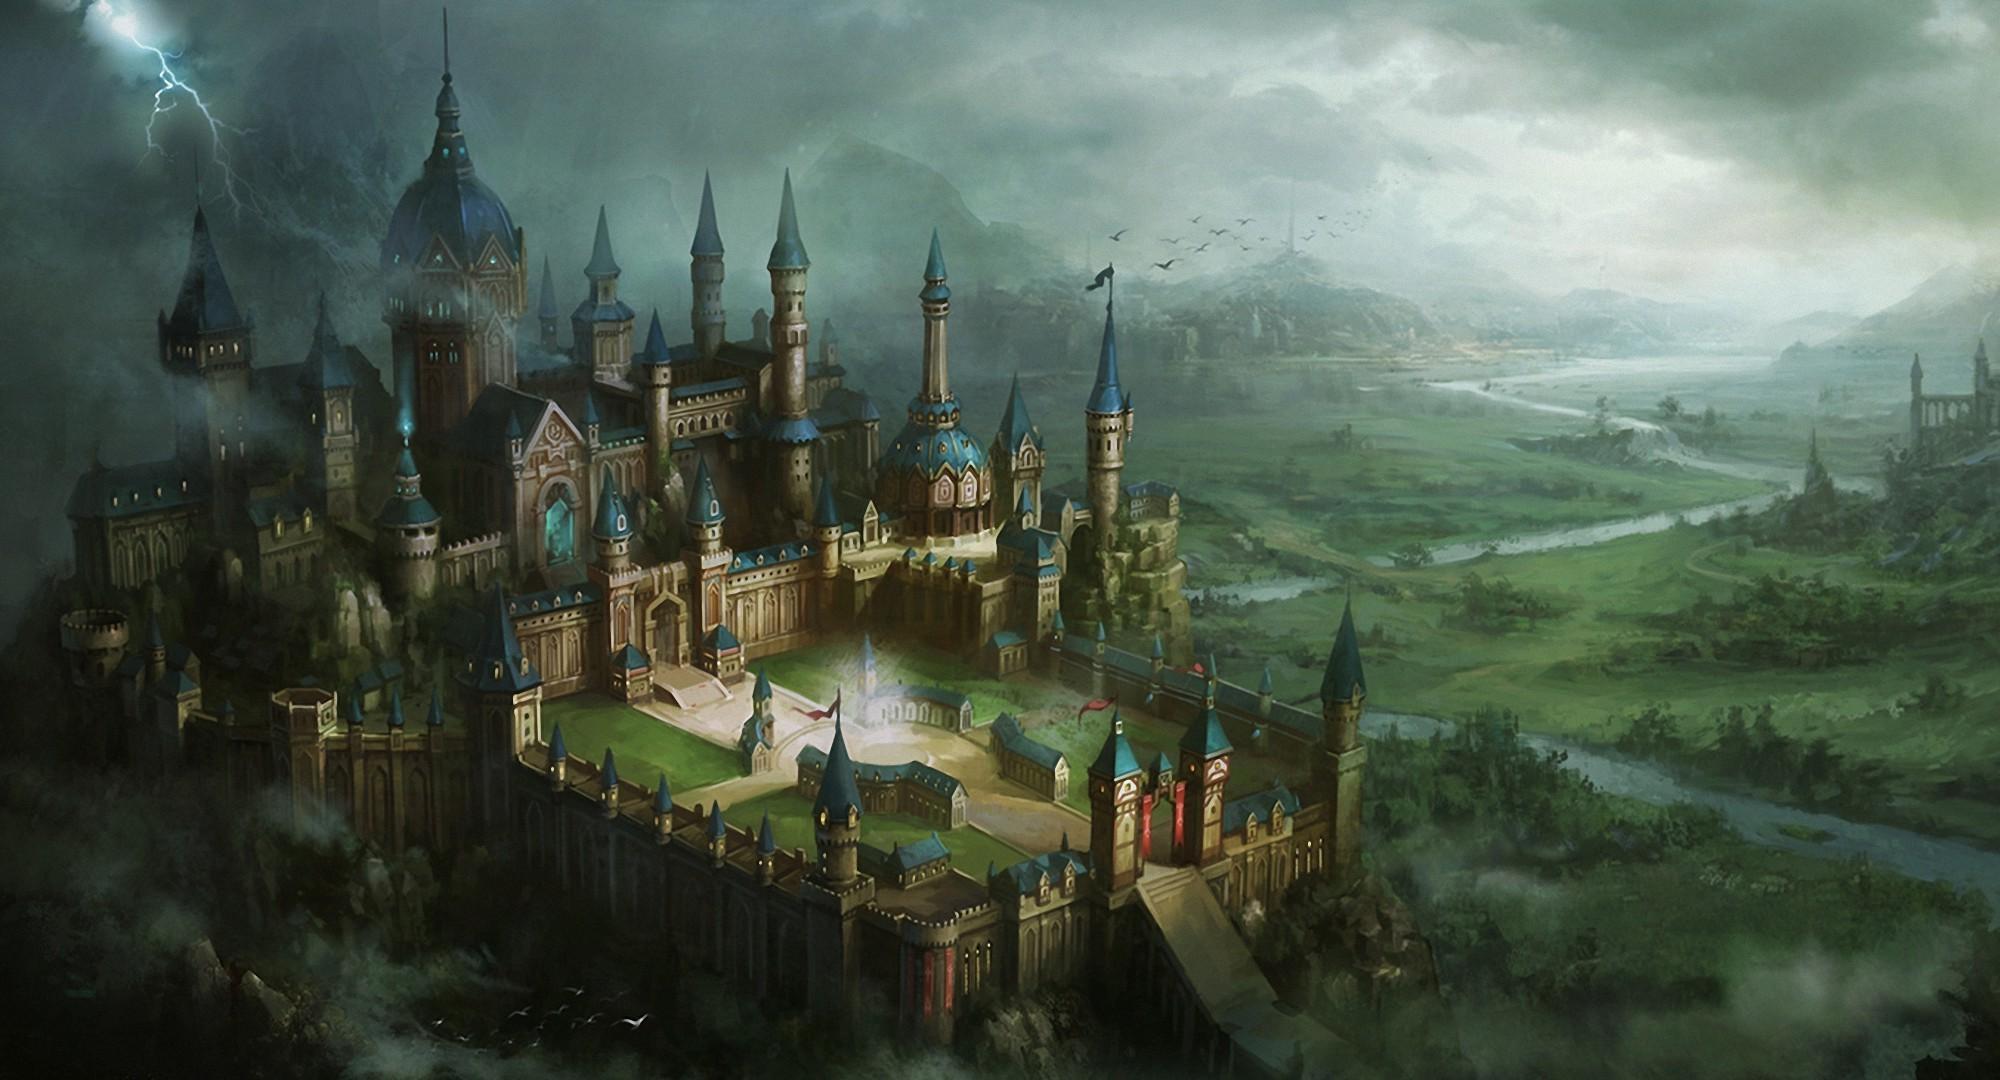 картинки из игры королевство клеем небольшой участок